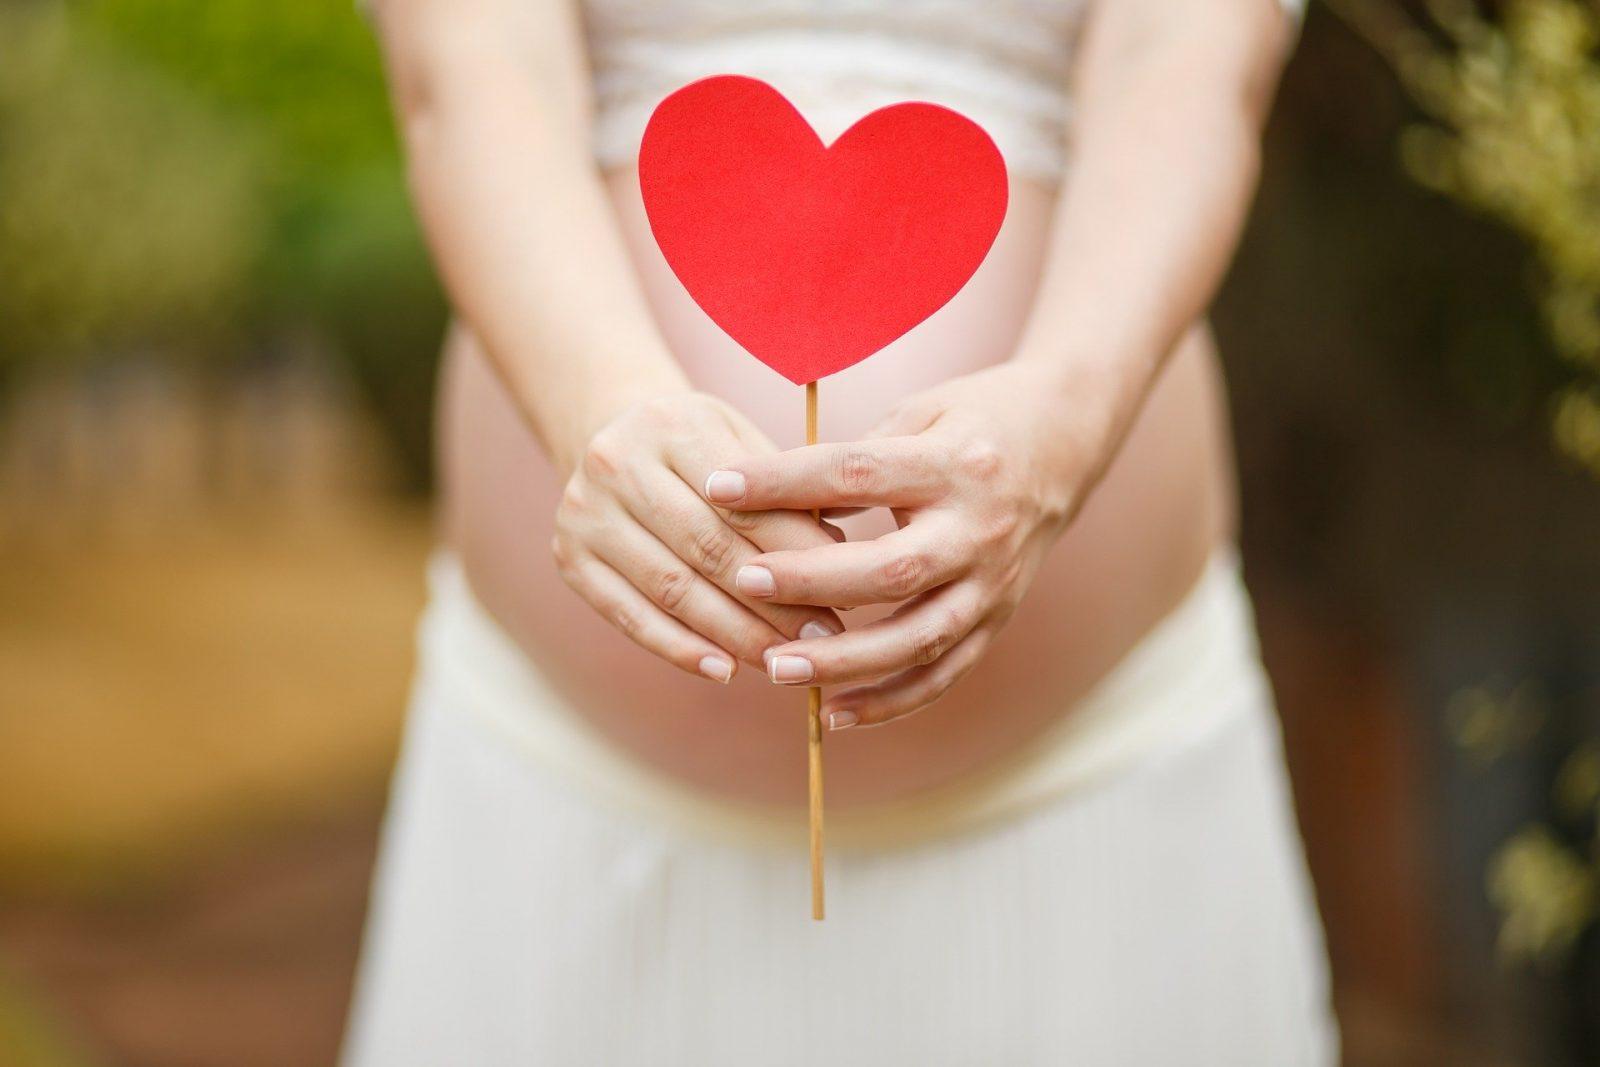 Foto per corso di maternità online: gravidanza e parto